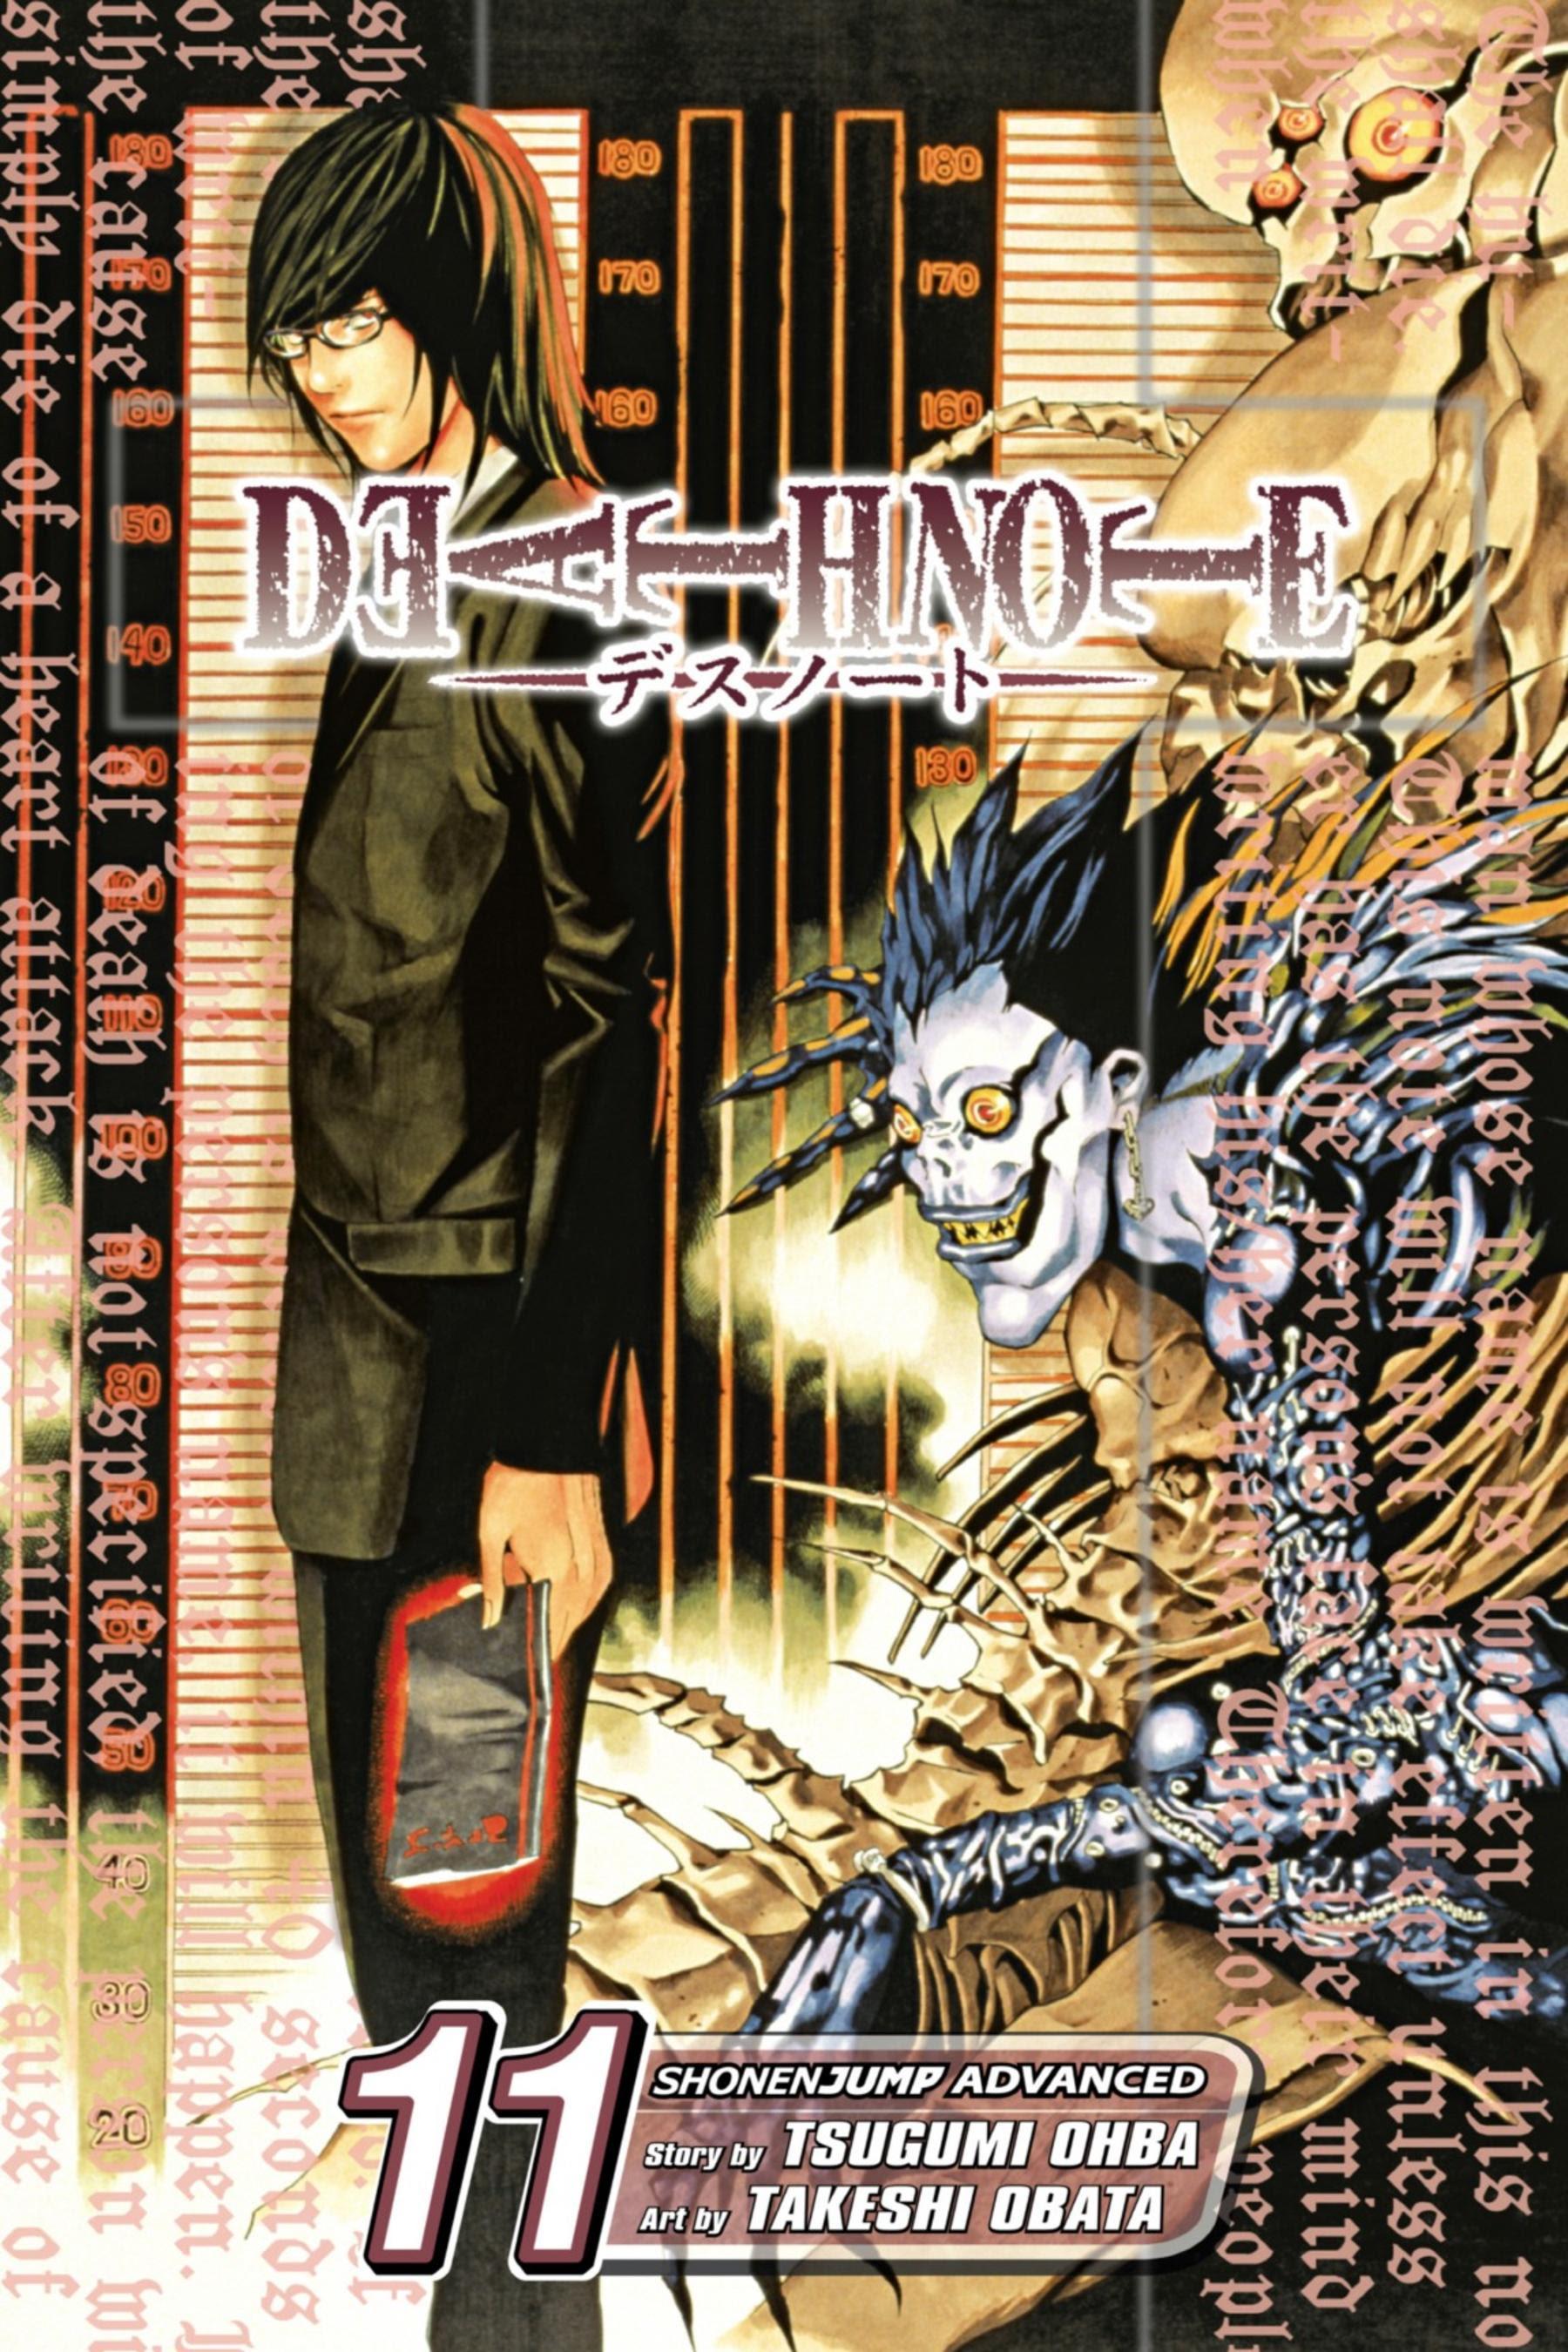 portada del tomo 11 del cómic manga de fantasía y suspense Death note